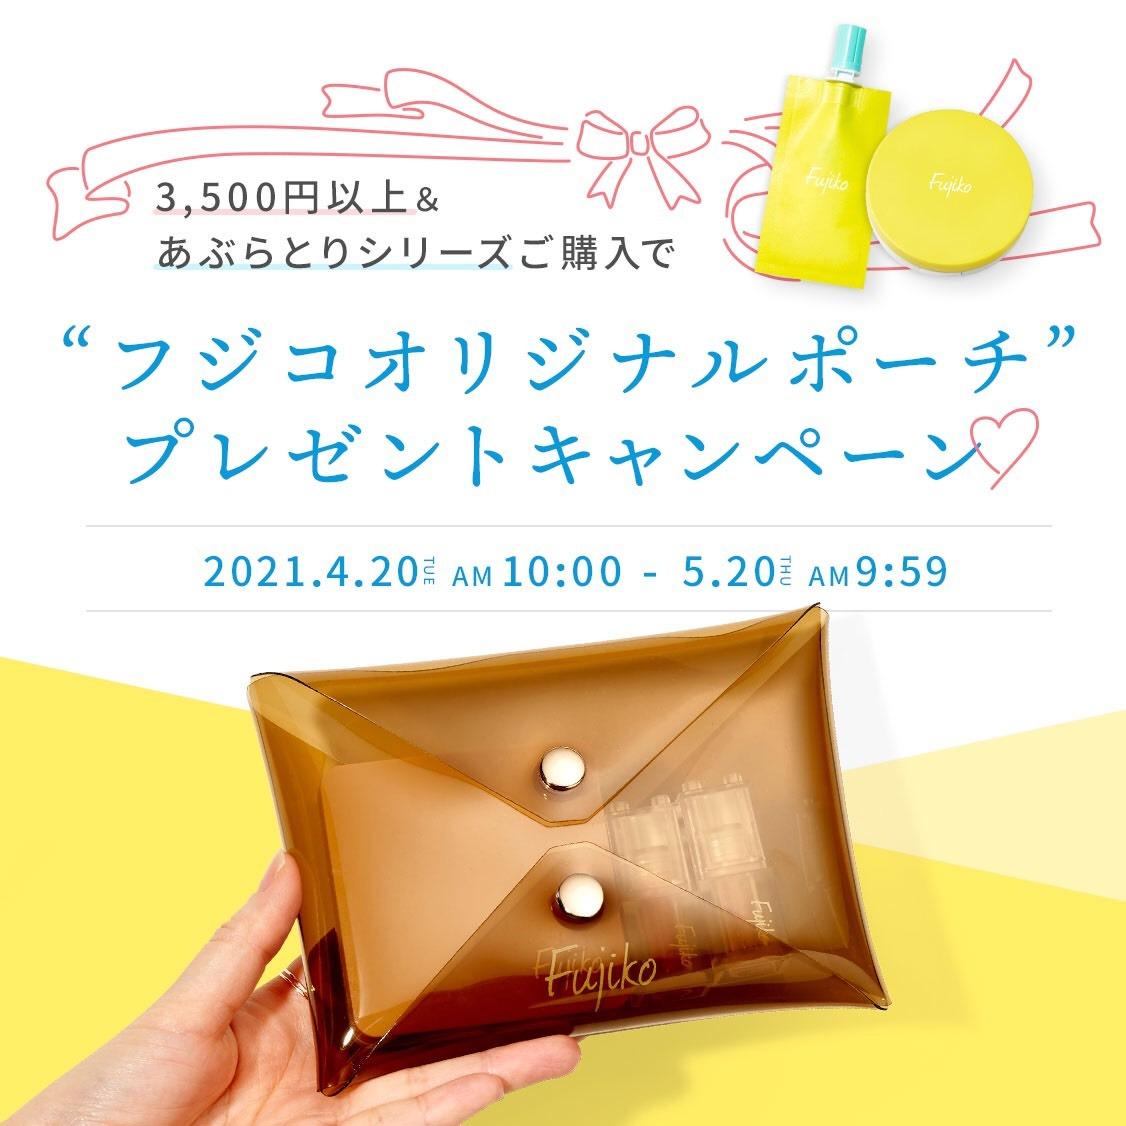 あぶらシリーズご購入で「Fujikoオリジナルポーチ」プレゼントキャンペーン♪